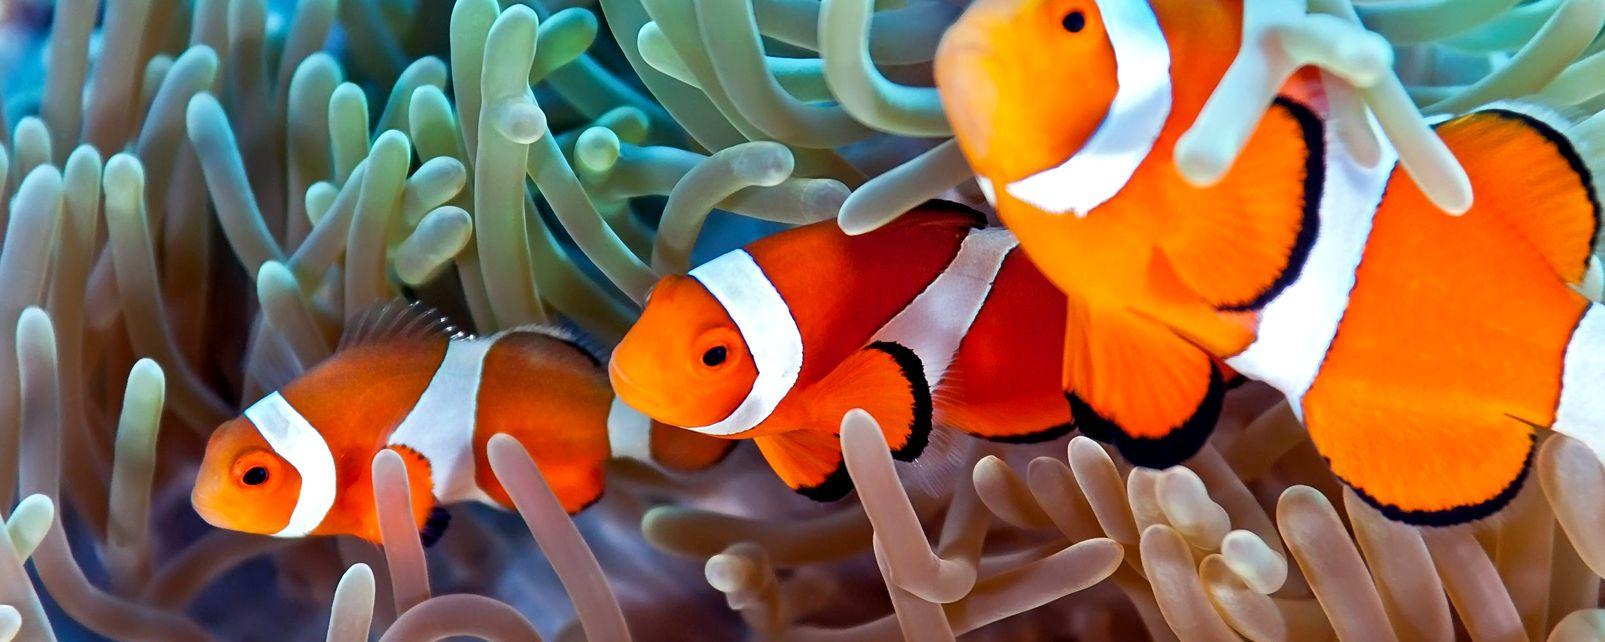 Il merluzzo, La fauna sottomarina, La fauna e la flora, Egitto